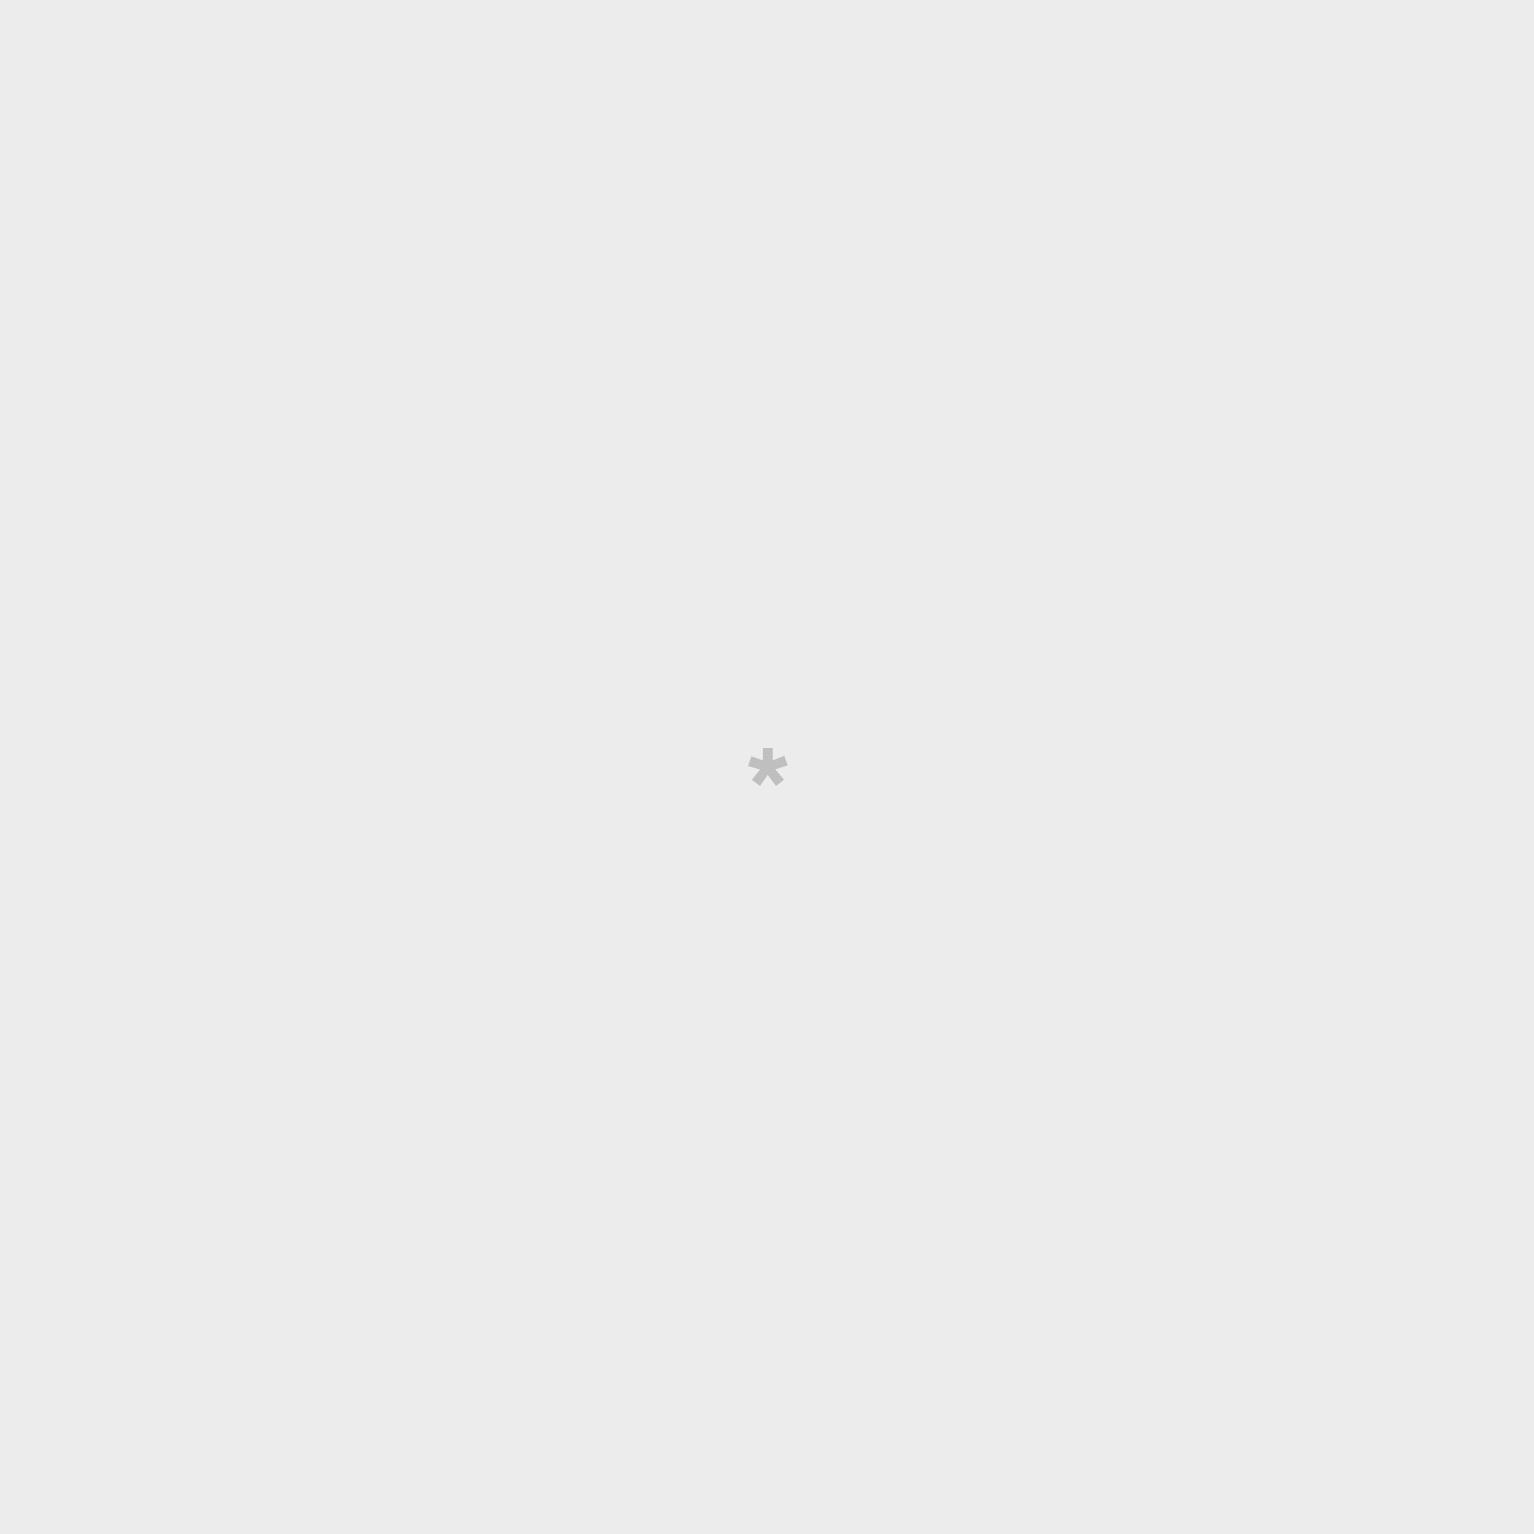 Transparent iPhone 6 case - Avocados